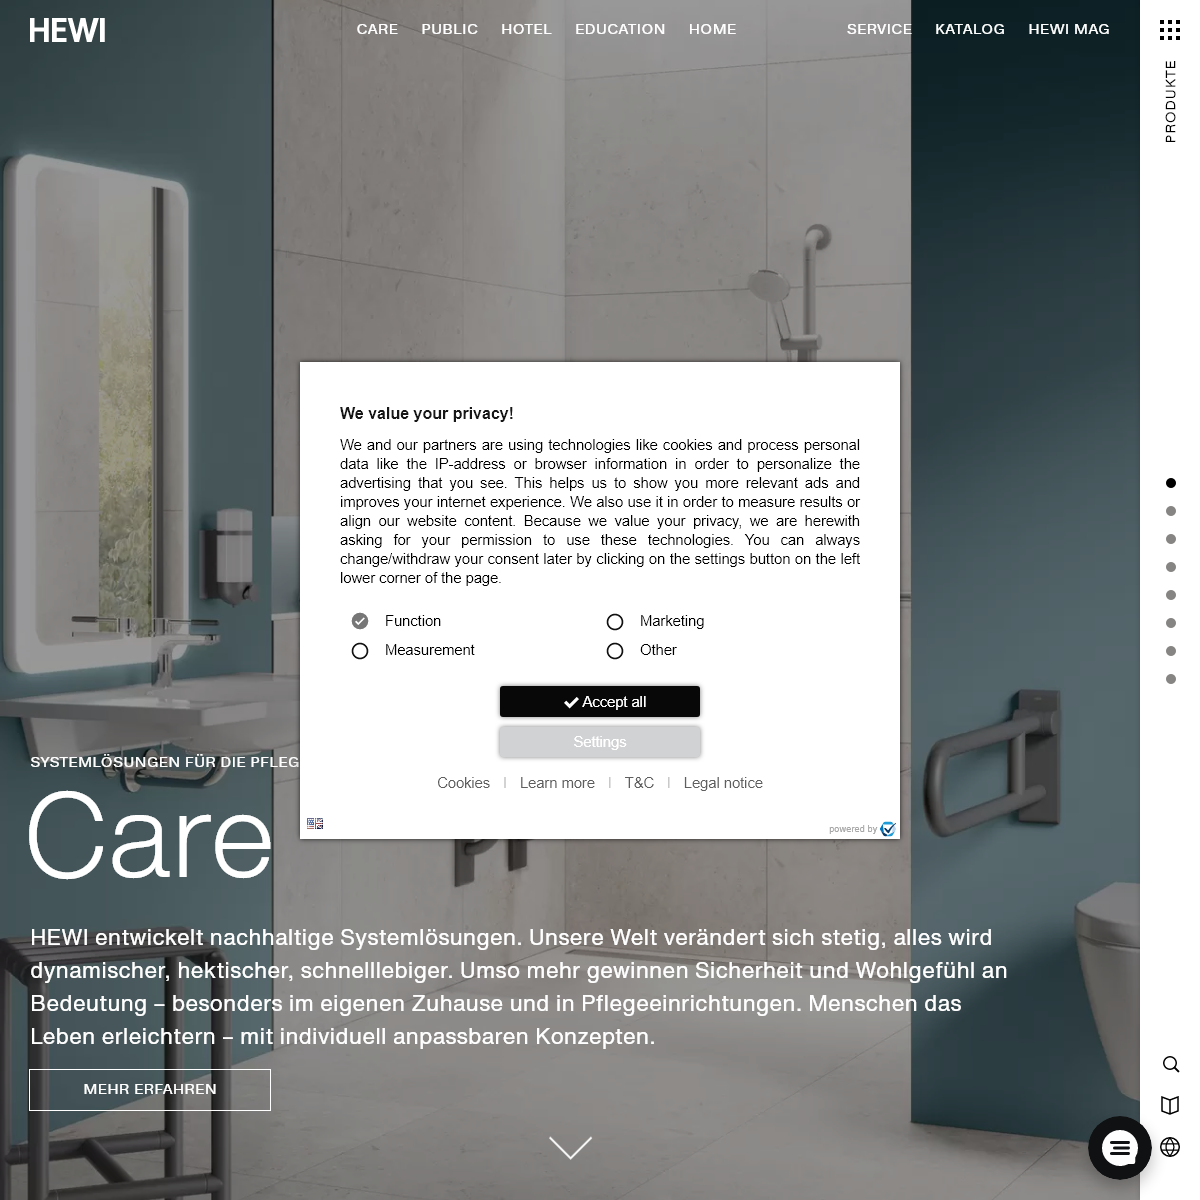 Willkommen bei HEWI - Sanitär- und Beschlagslösungen online finden - HEWI